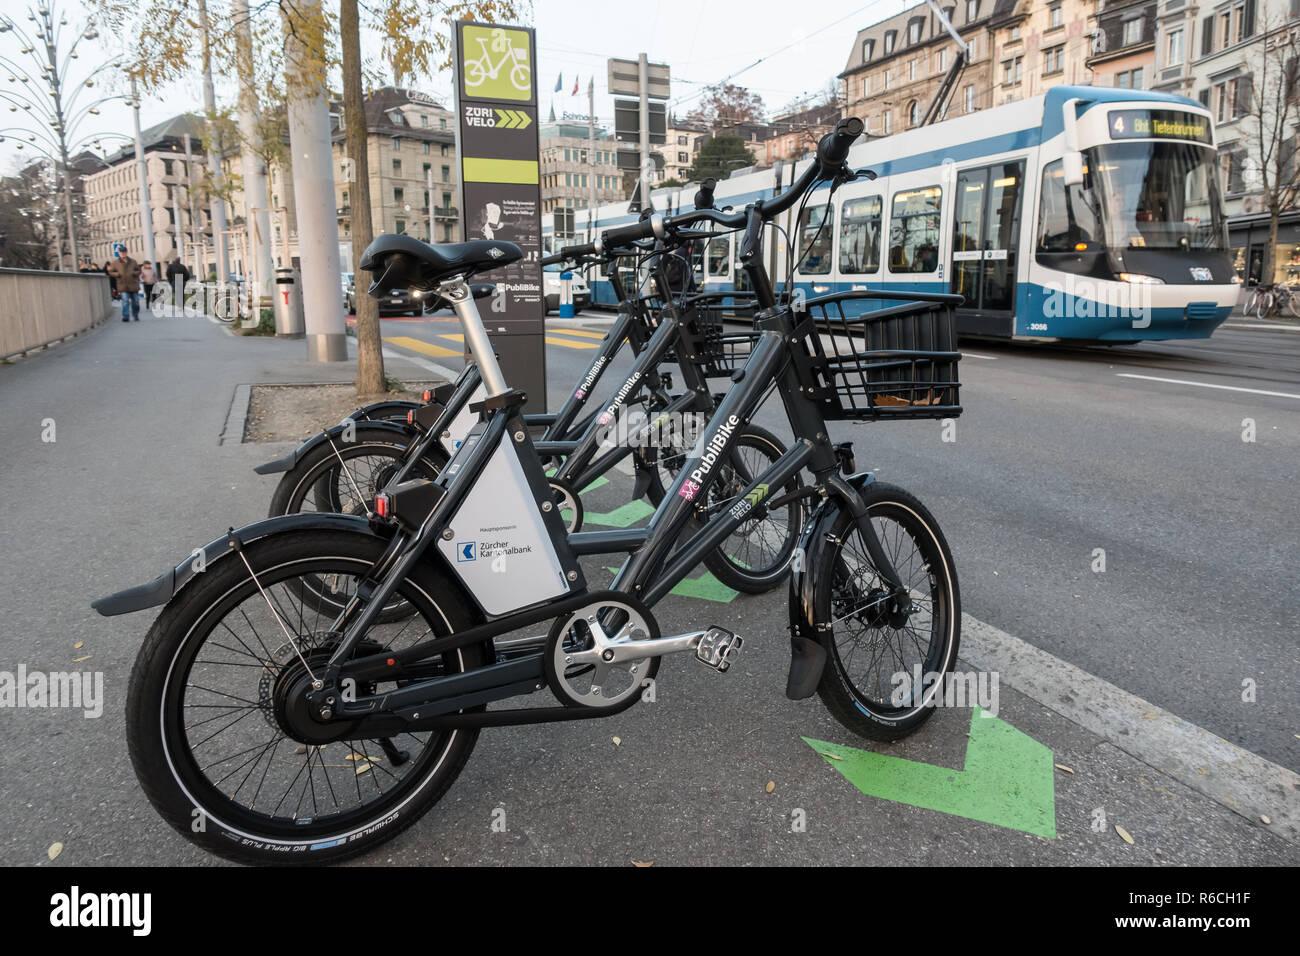 Public Bike bikeshare bikes parked in Zurich, tram in b.g., on Limmatquai. - Stock Image